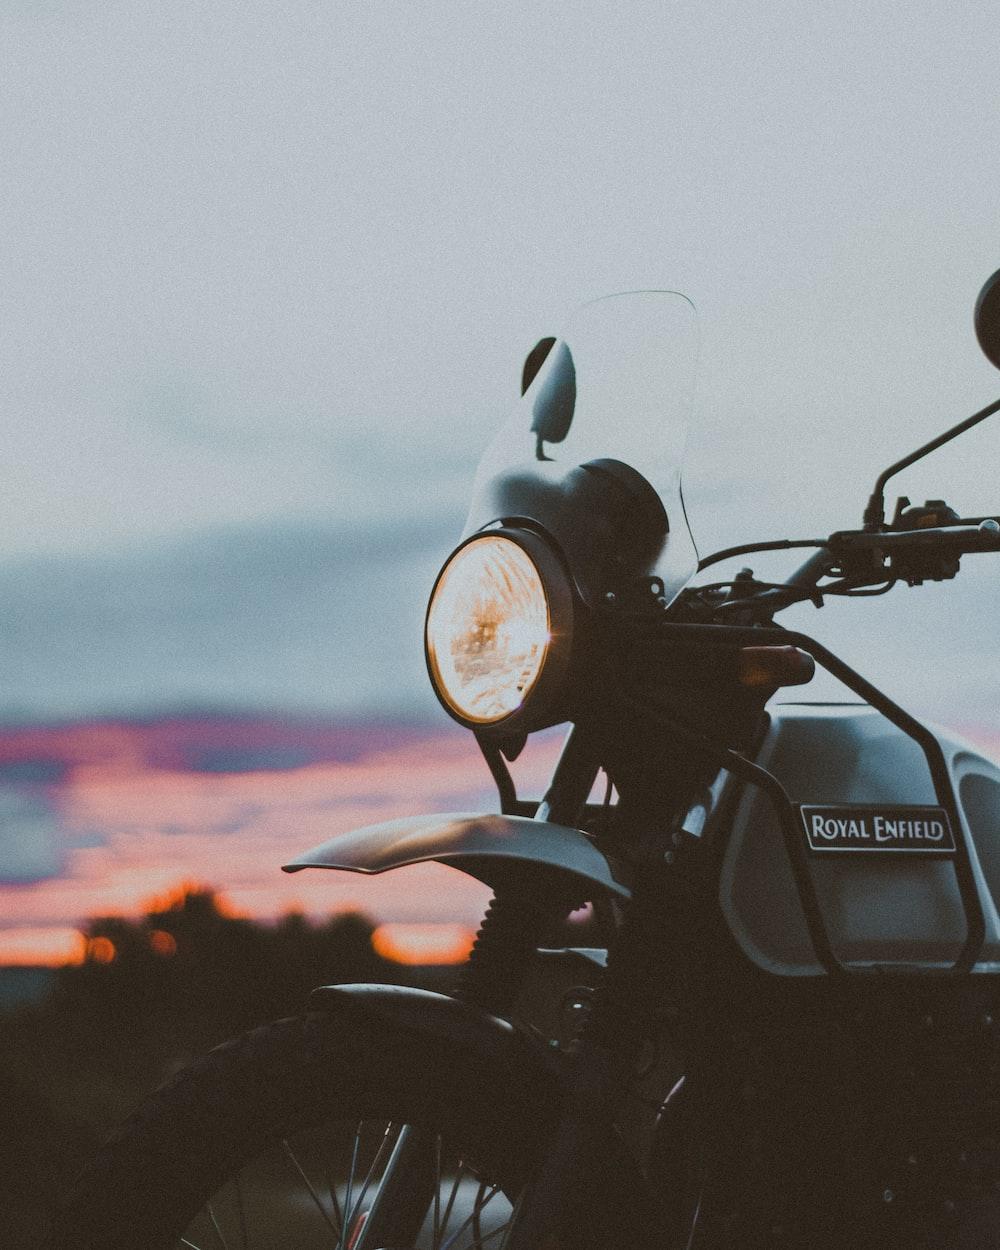 black and silver honda motorcycle